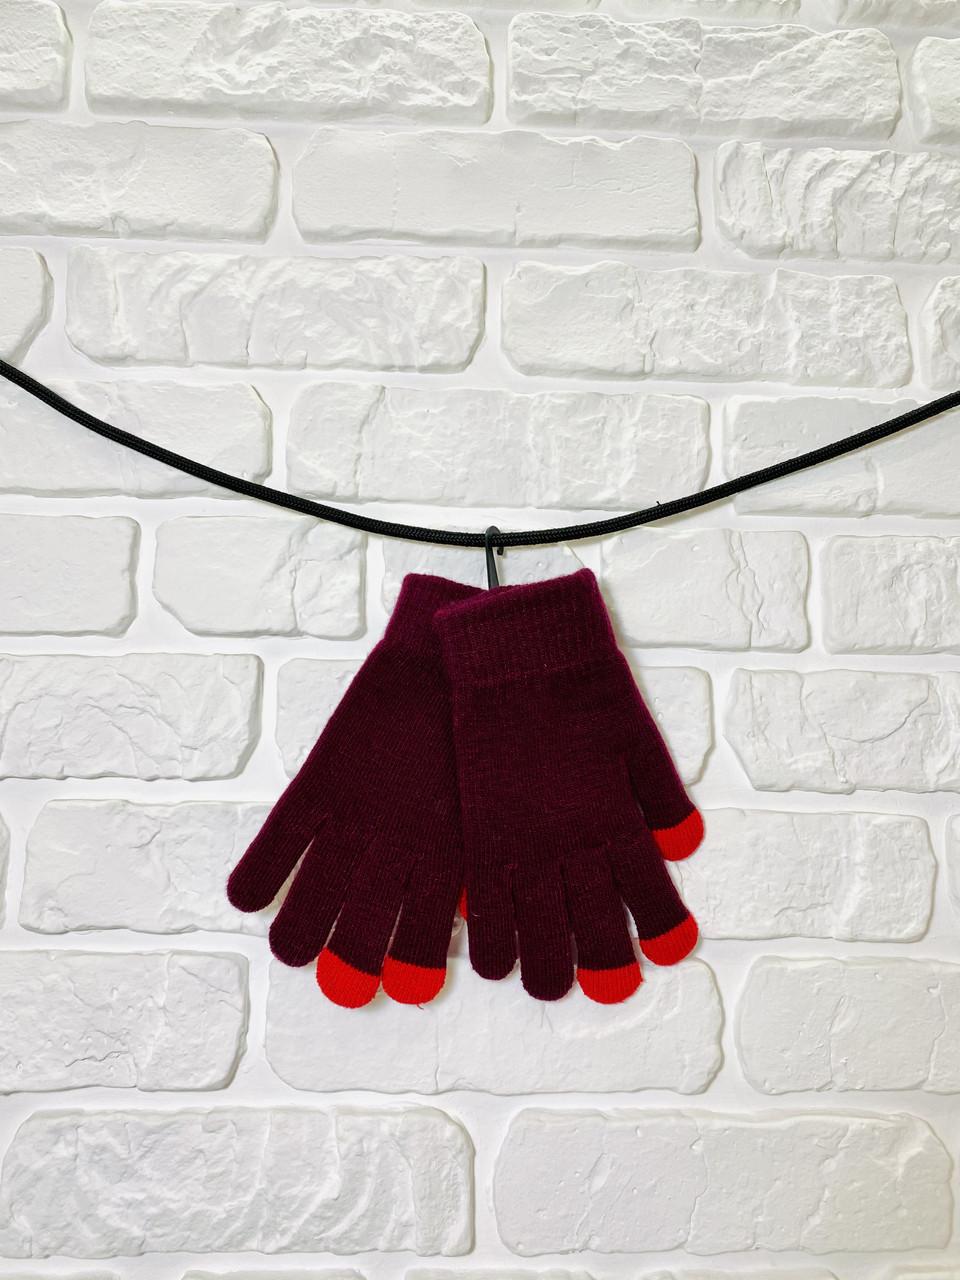 Перчатки из текстиля тачскрин Woman's heel бордовые (Ш-492)